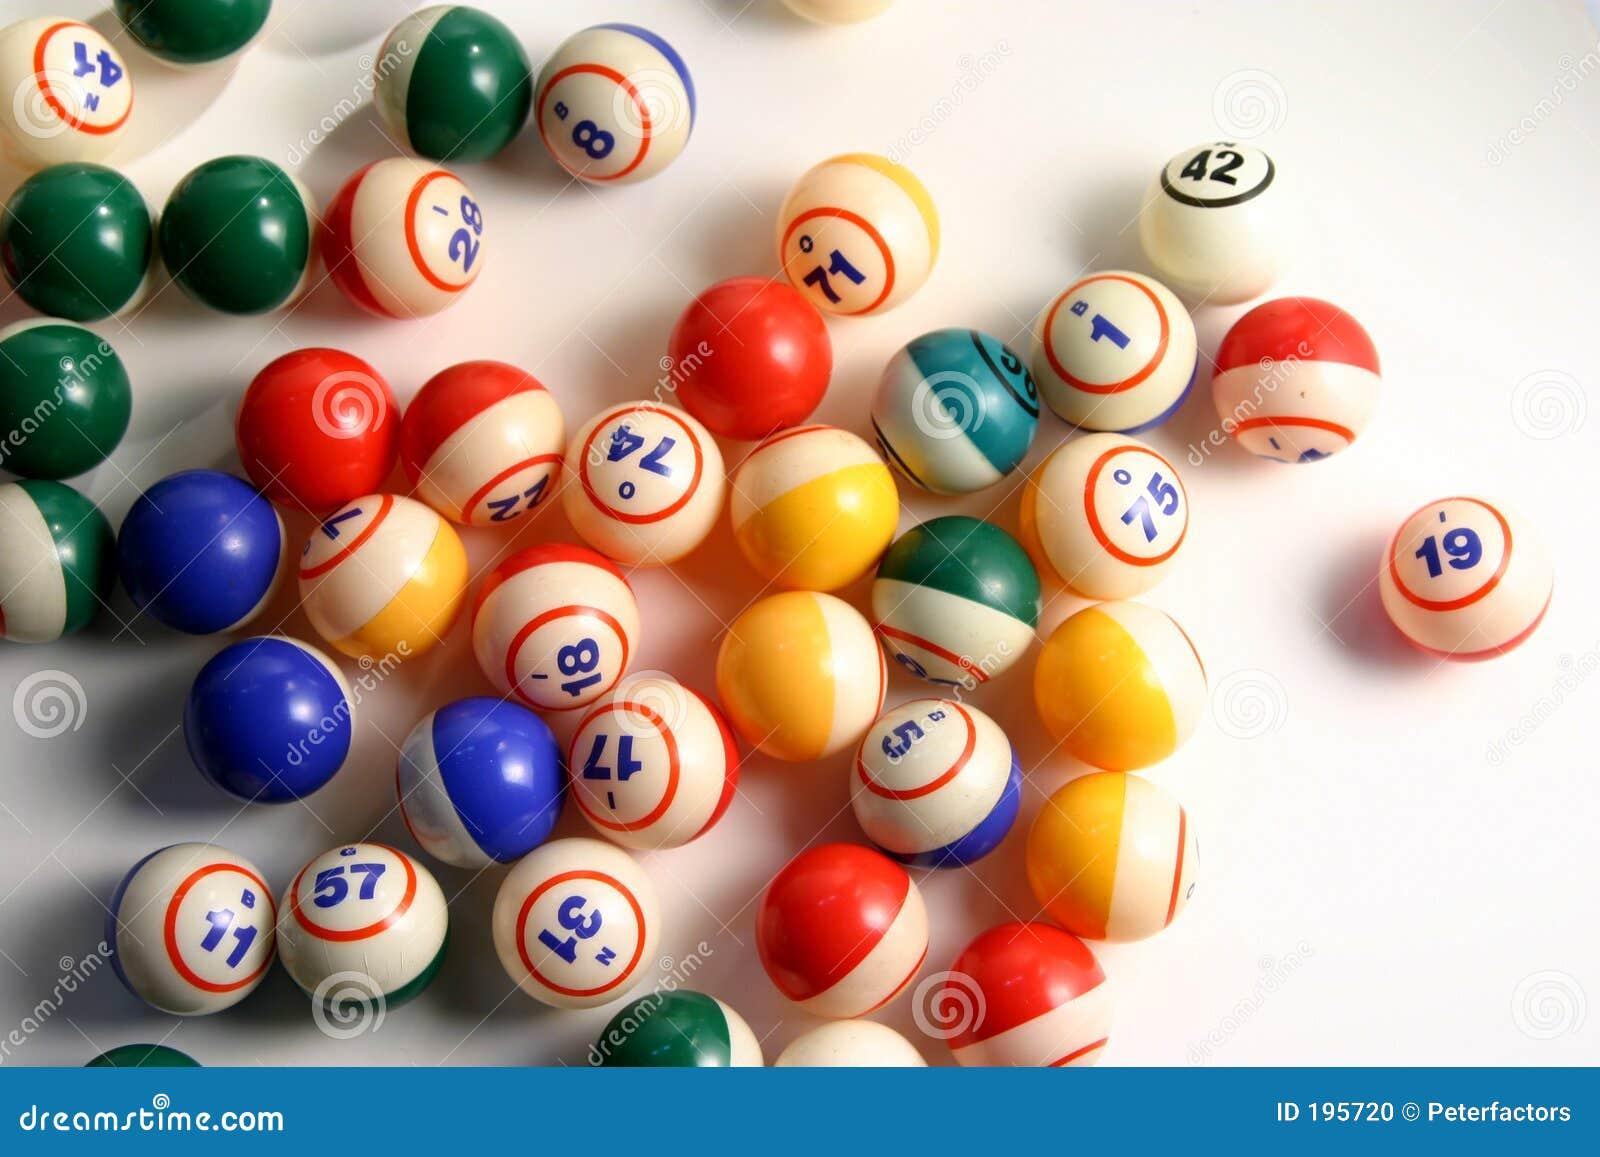 online casino download bingo kugeln